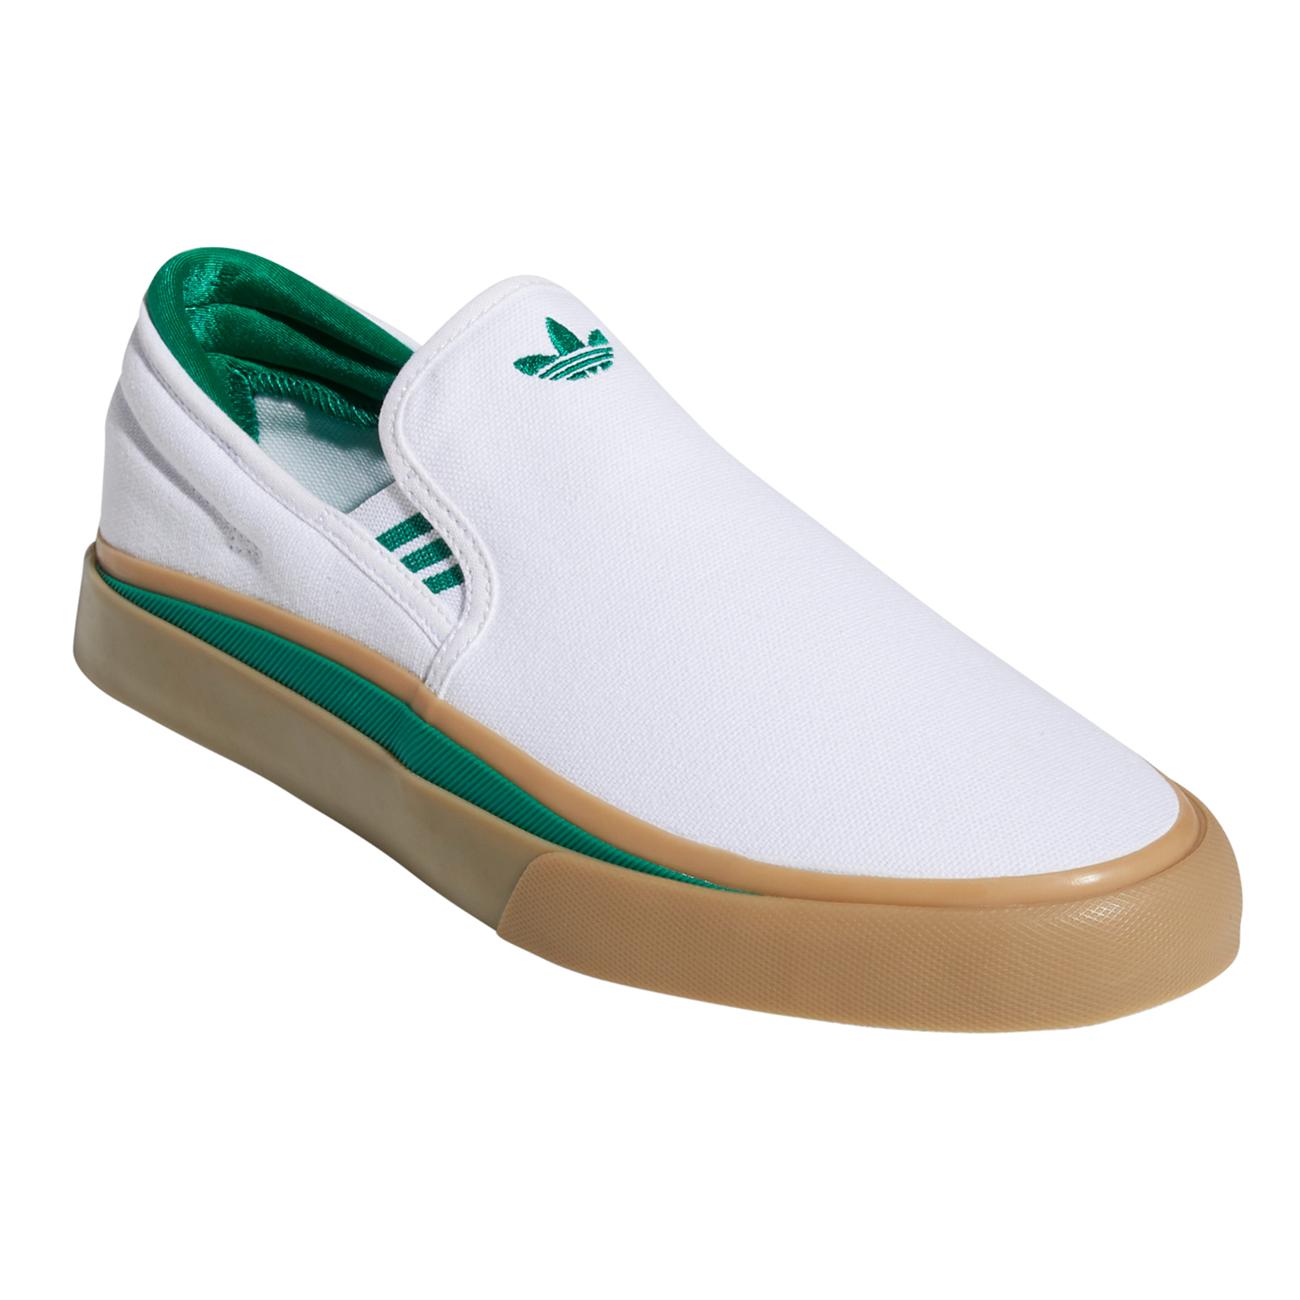 Sneakers Adidas Sabalo Slip ftwr white